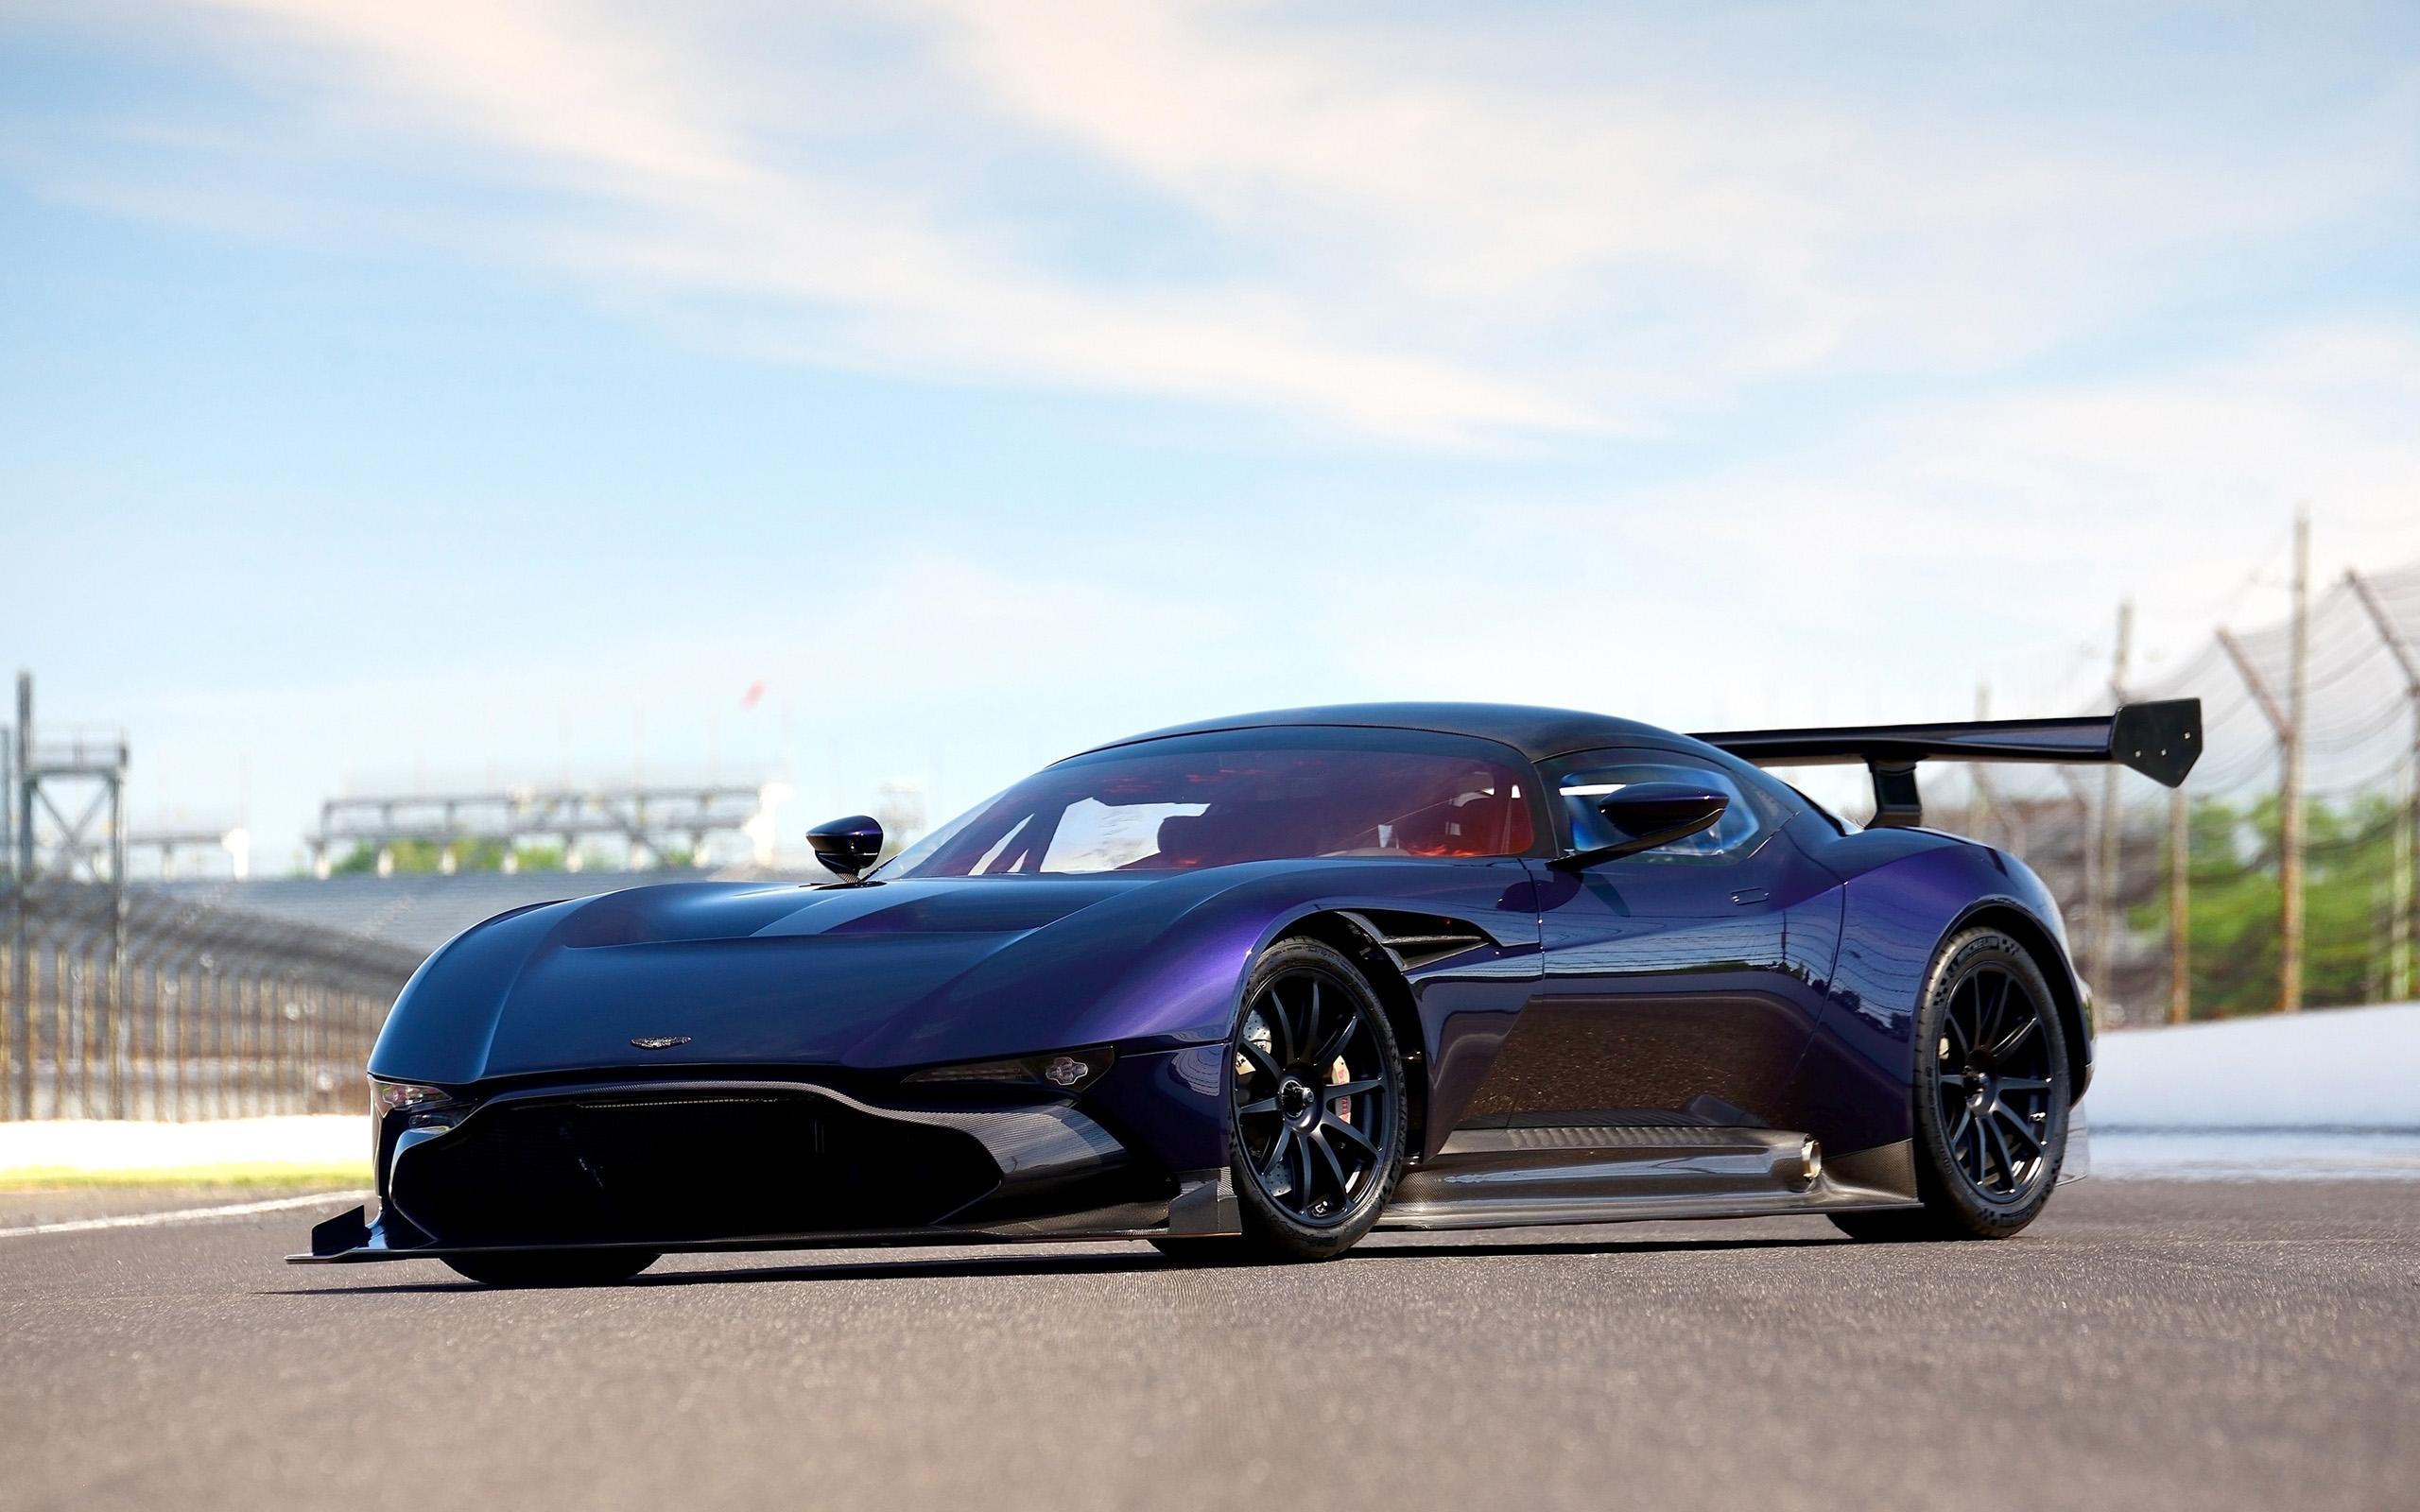 2016 Aston Martin Vulcan By Thexrealxbanks On Deviantart